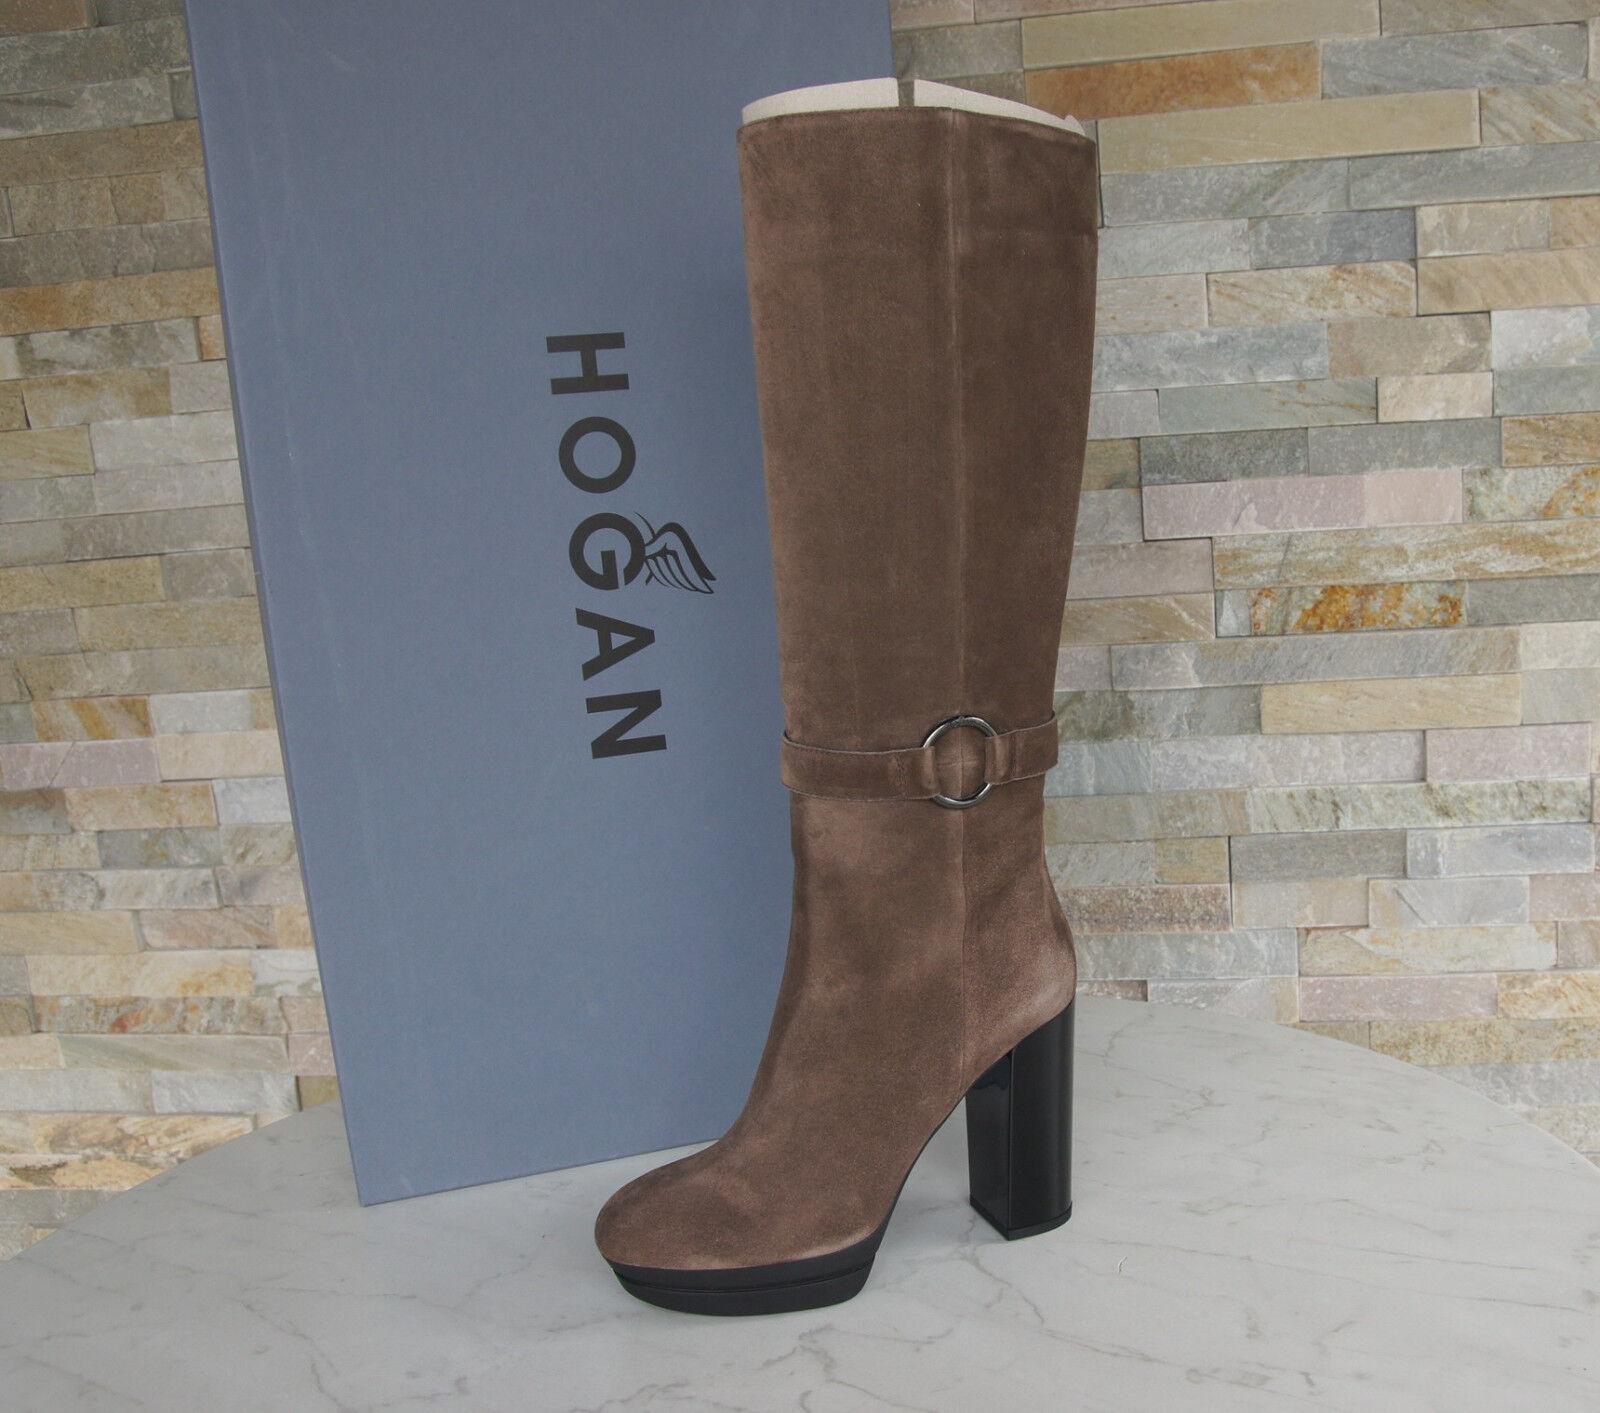 Hogan Tod's plataforma botas talla 36 botas zapatos turrones marrón nuevo ex. PVP